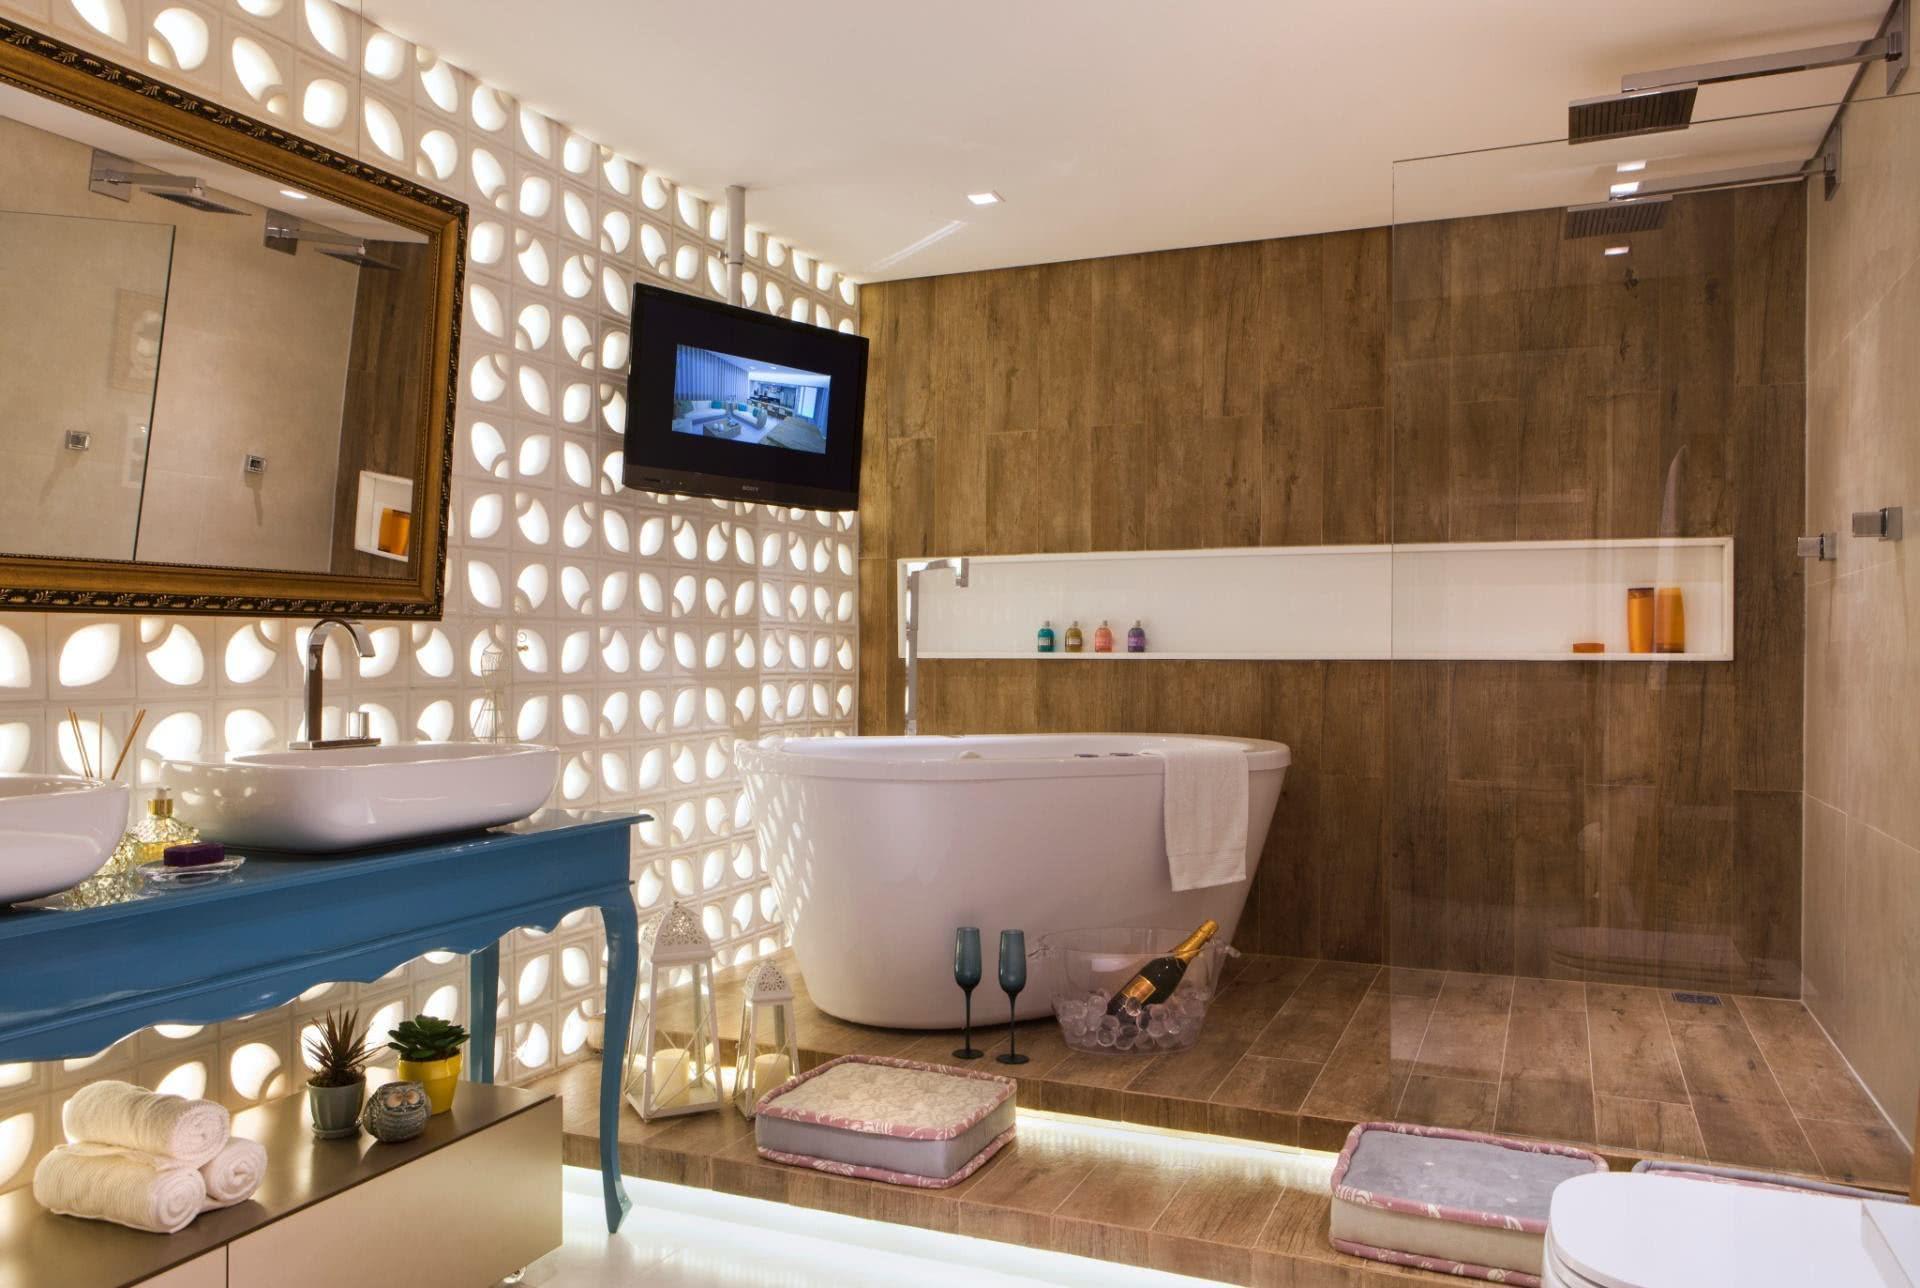 Banheiro moderno e elegante para quem gosta de relaxar